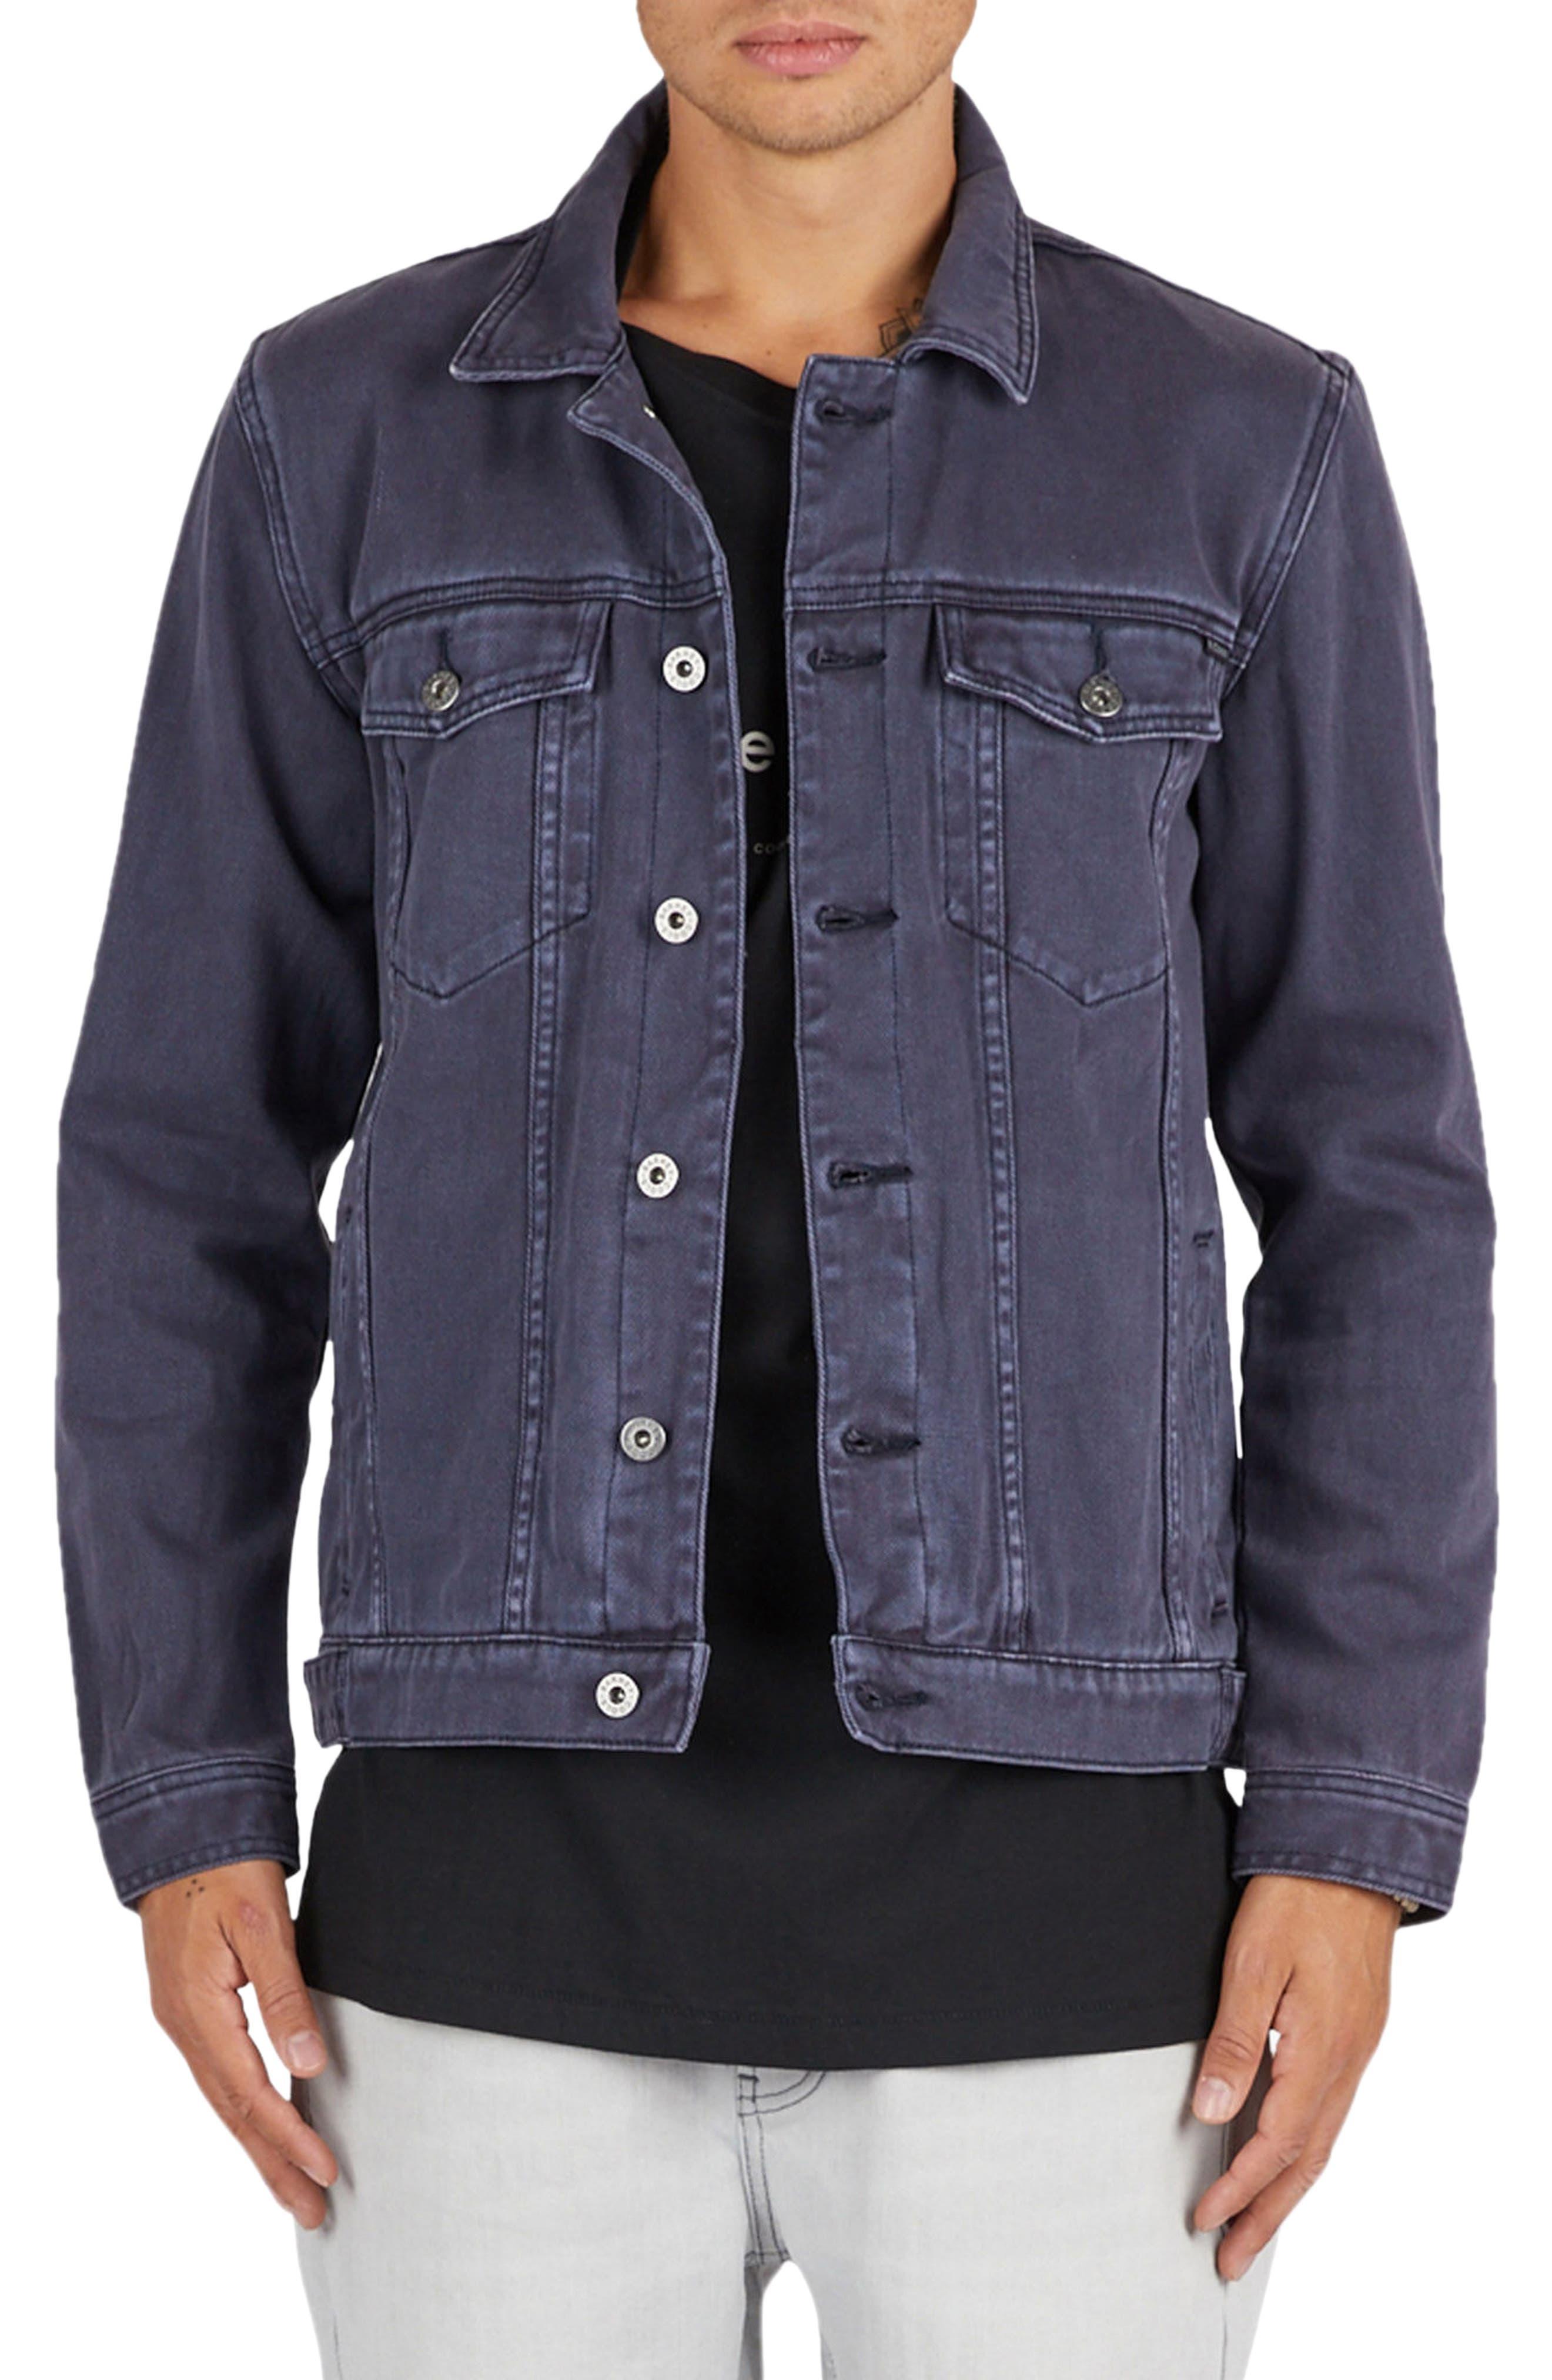 B. Rigid Jean Jacket,                         Main,                         color, Cold Navy